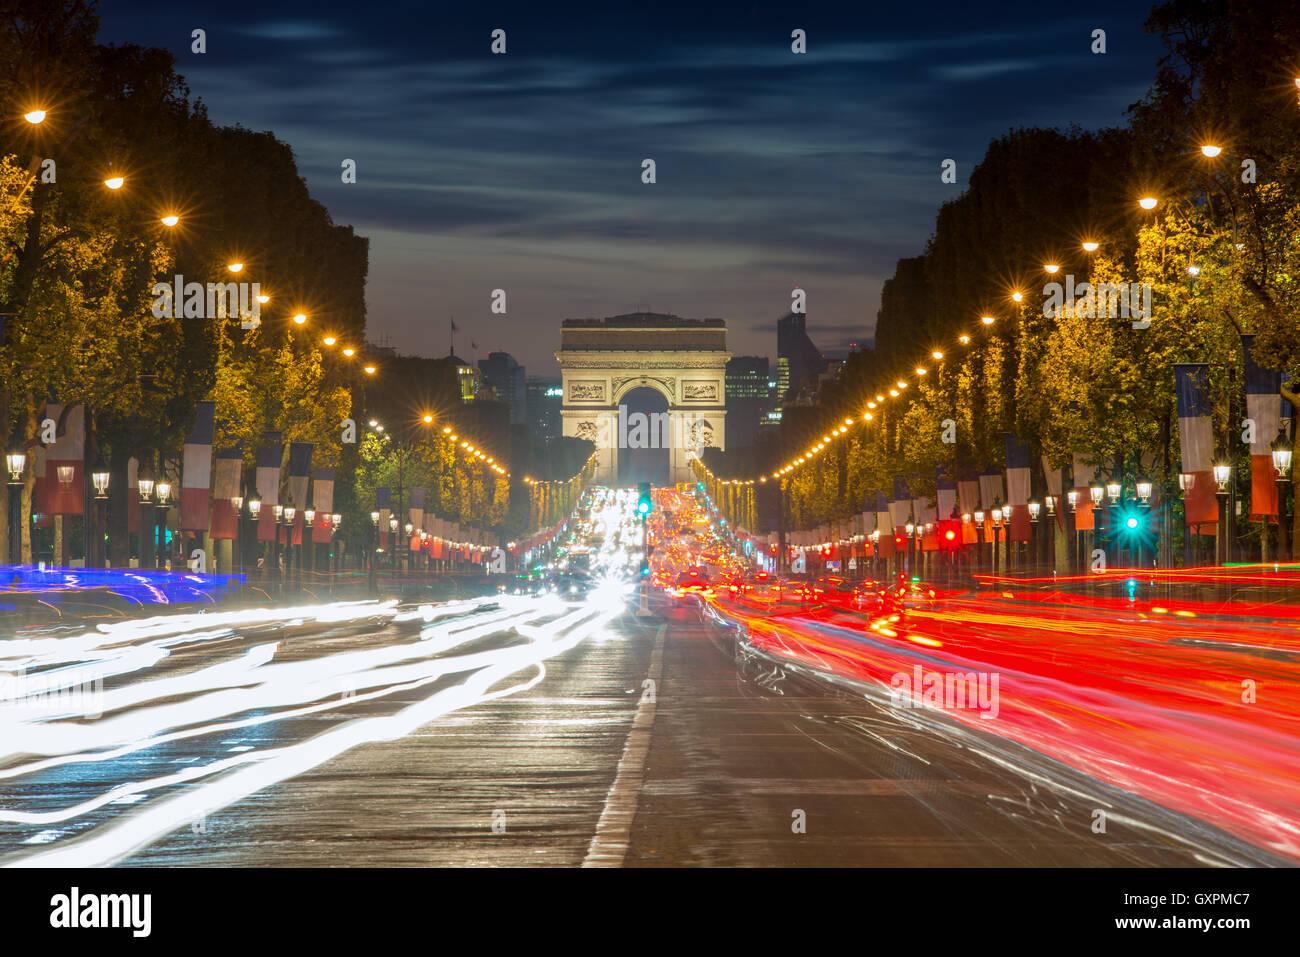 Arc de Triomphe Paris ville au coucher du soleil, la France. Champs Elysees rue le soir à Paris, France. Photo Stock